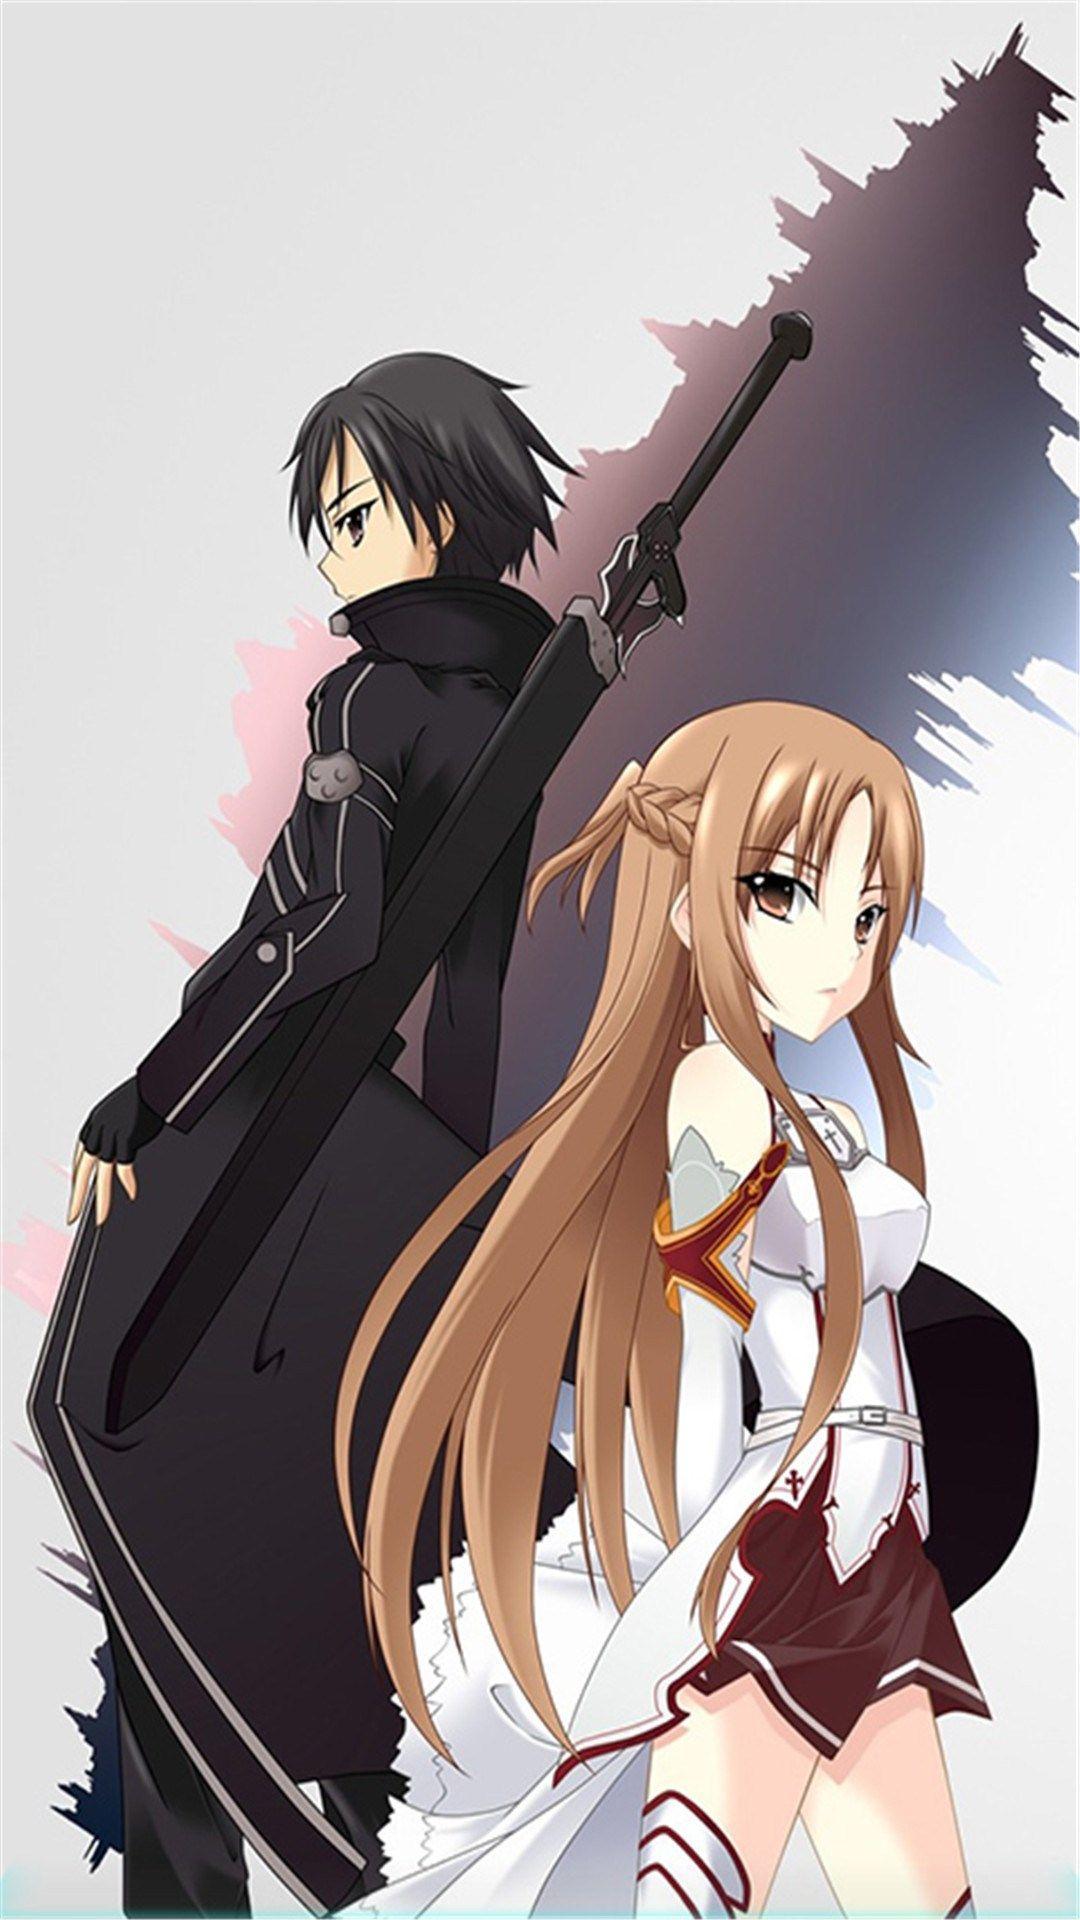 Anime Wallpapers Asuna And Kirito